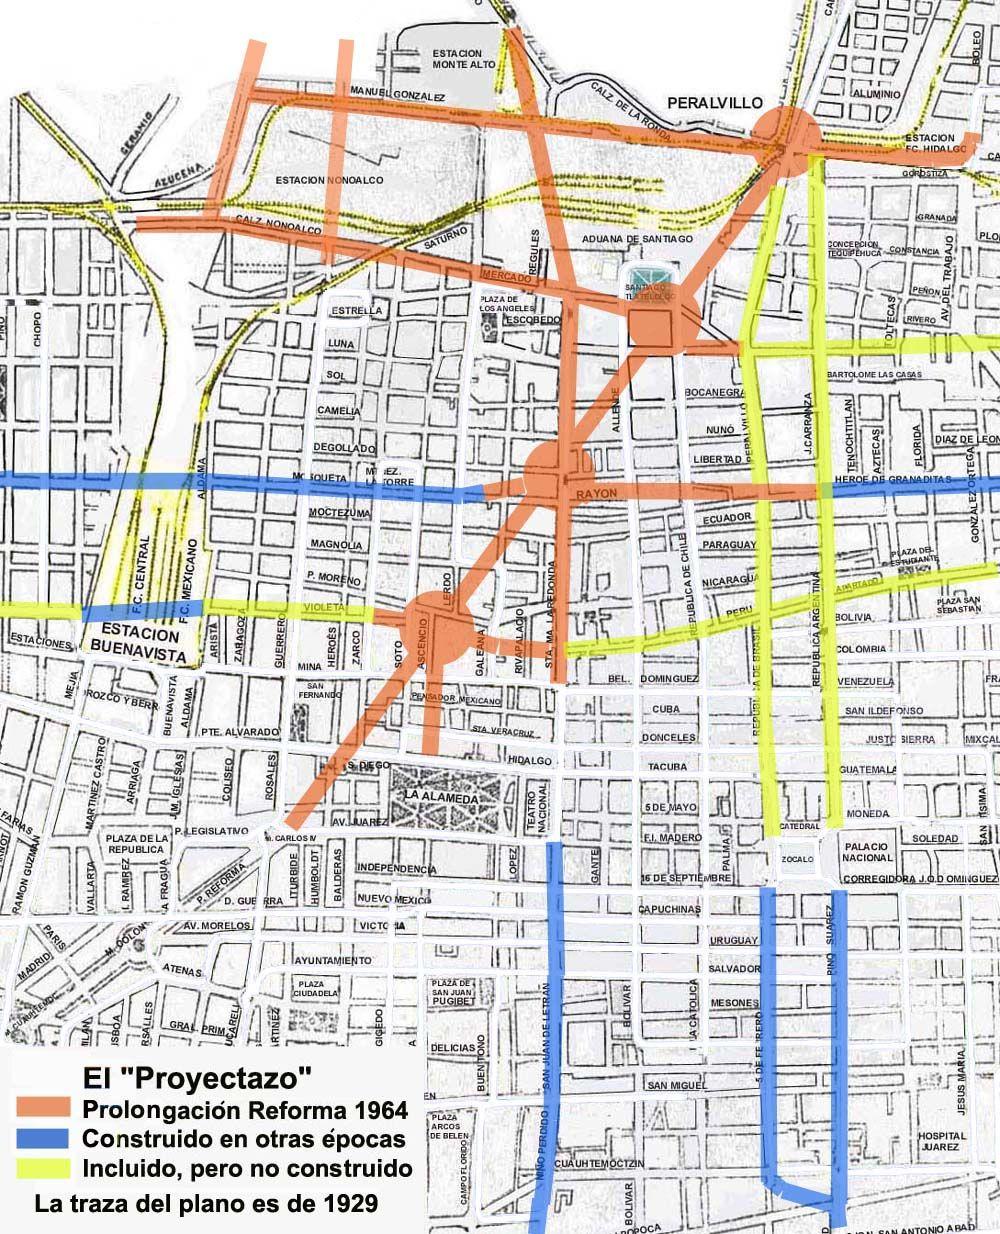 Plano De La Zona Centro De La Ciudad De M Xico Que Muestra